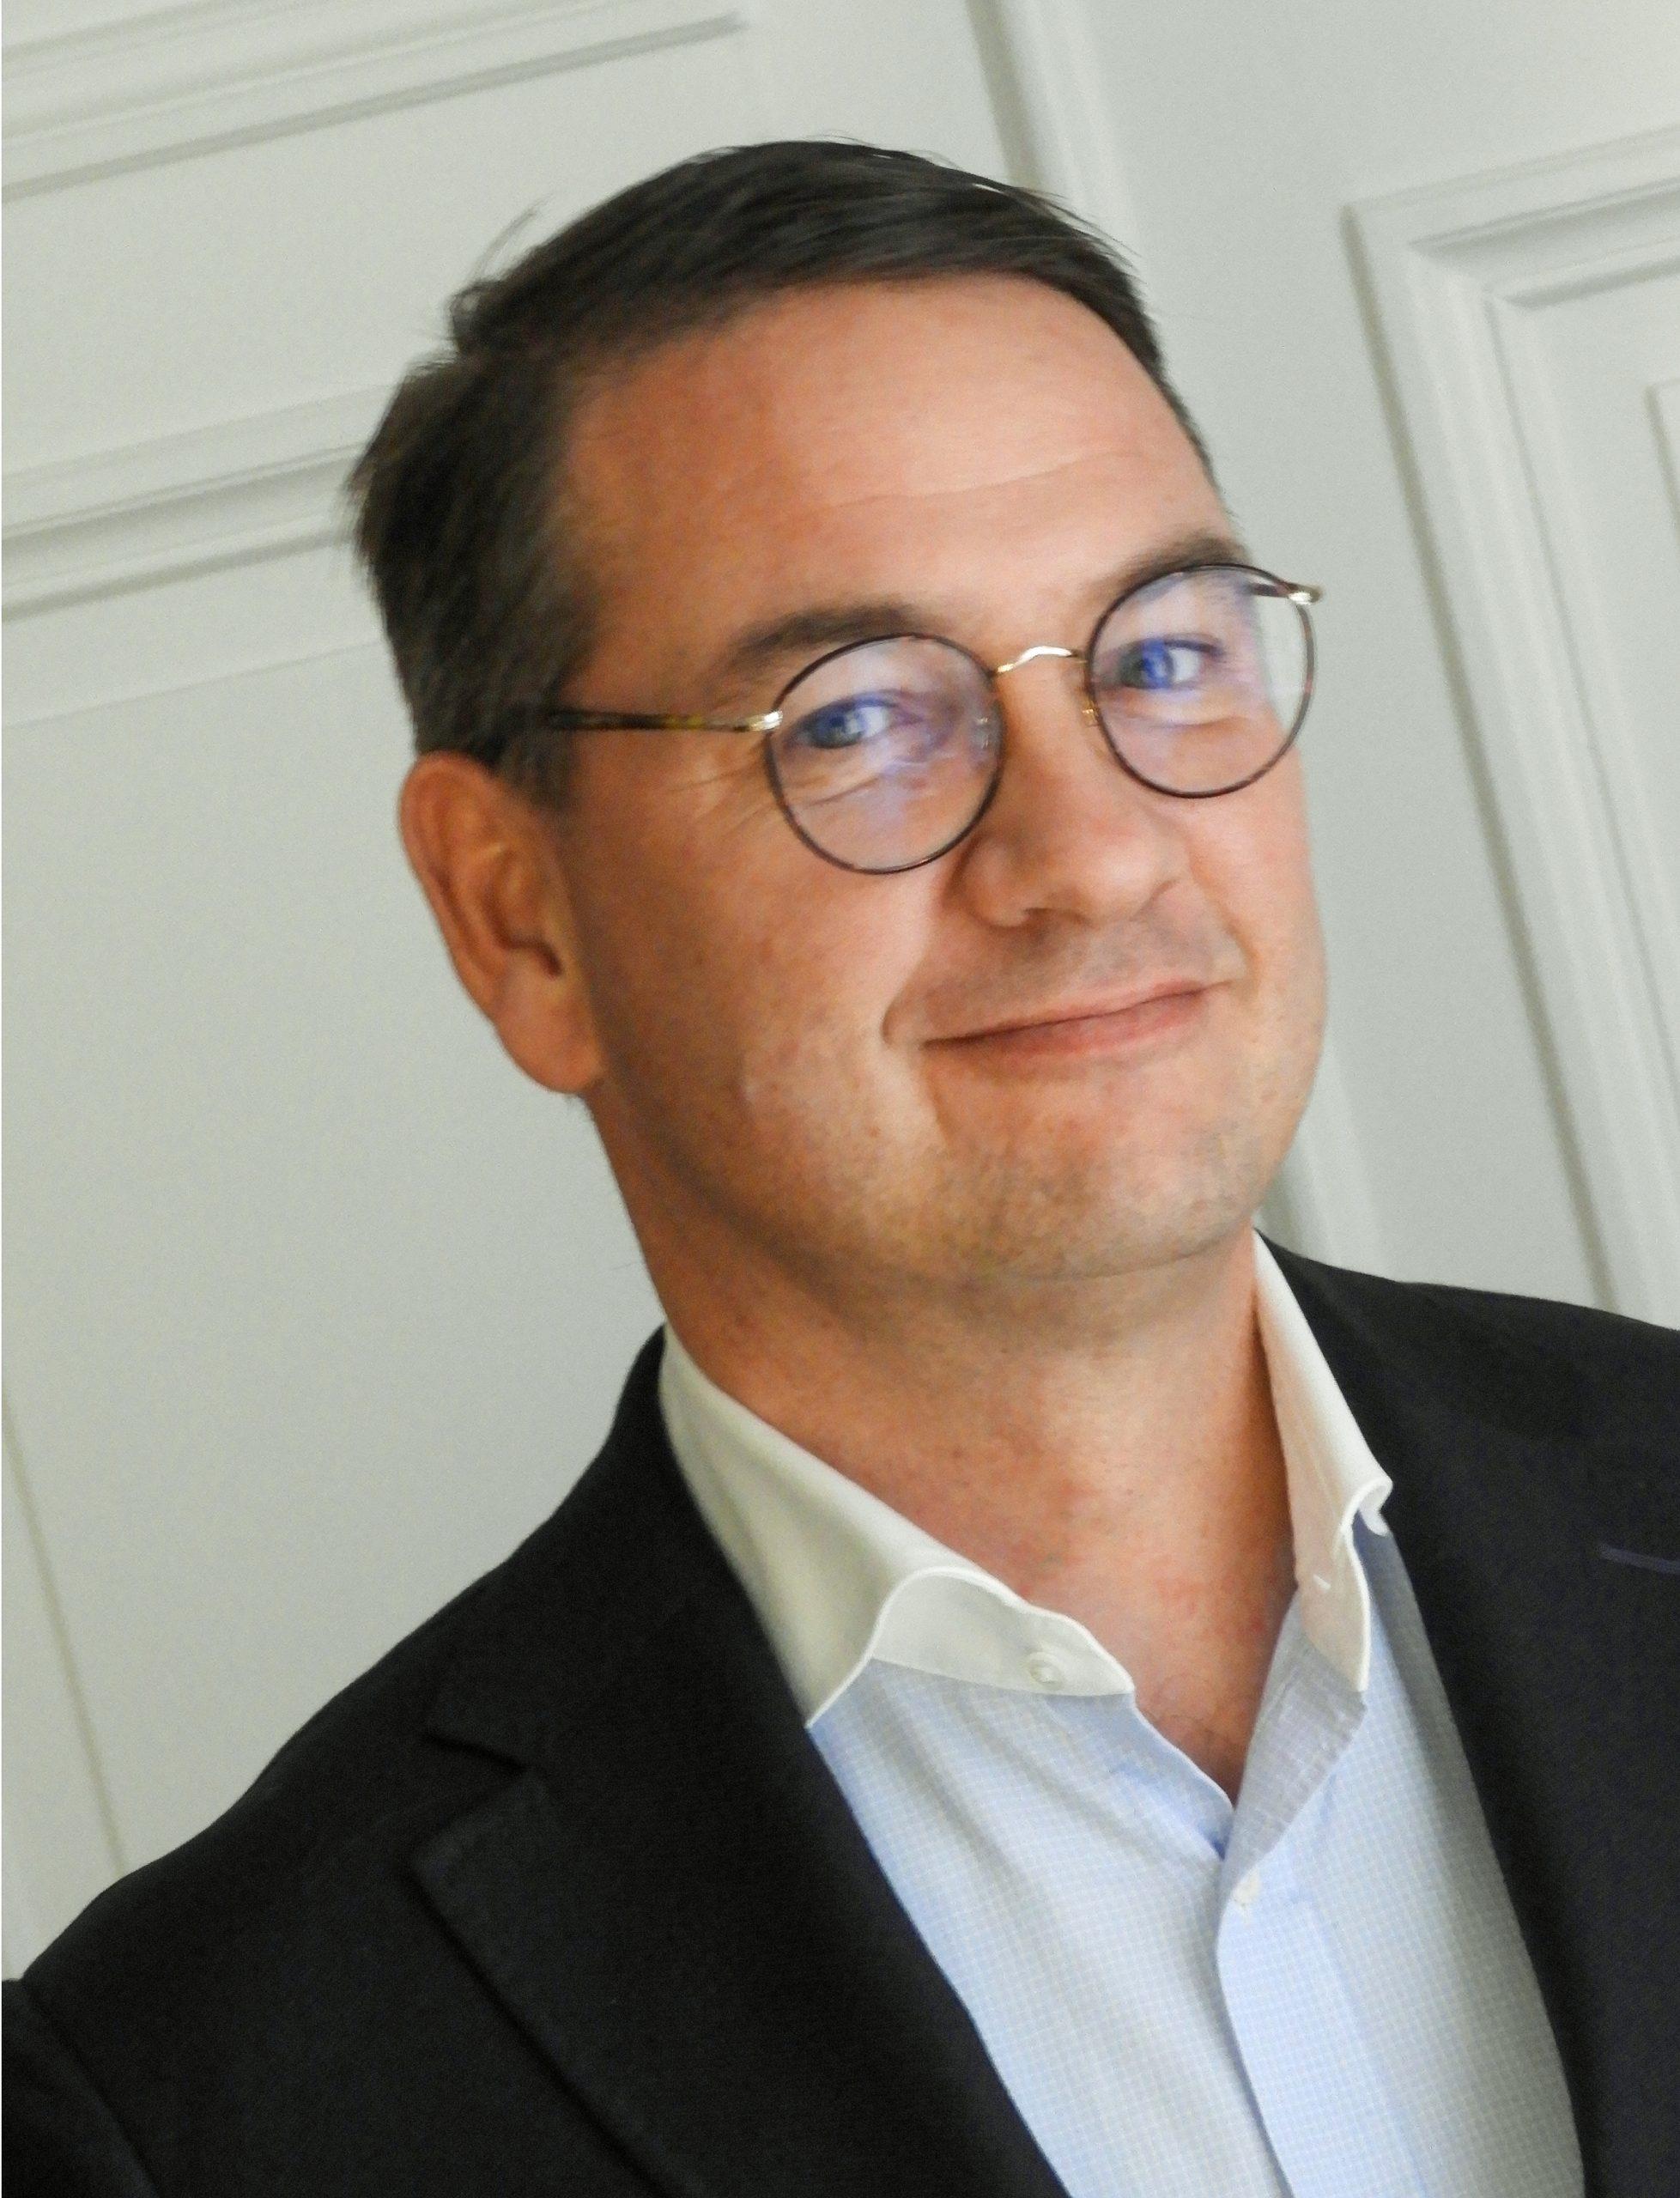 Wilhelm Rosenlew